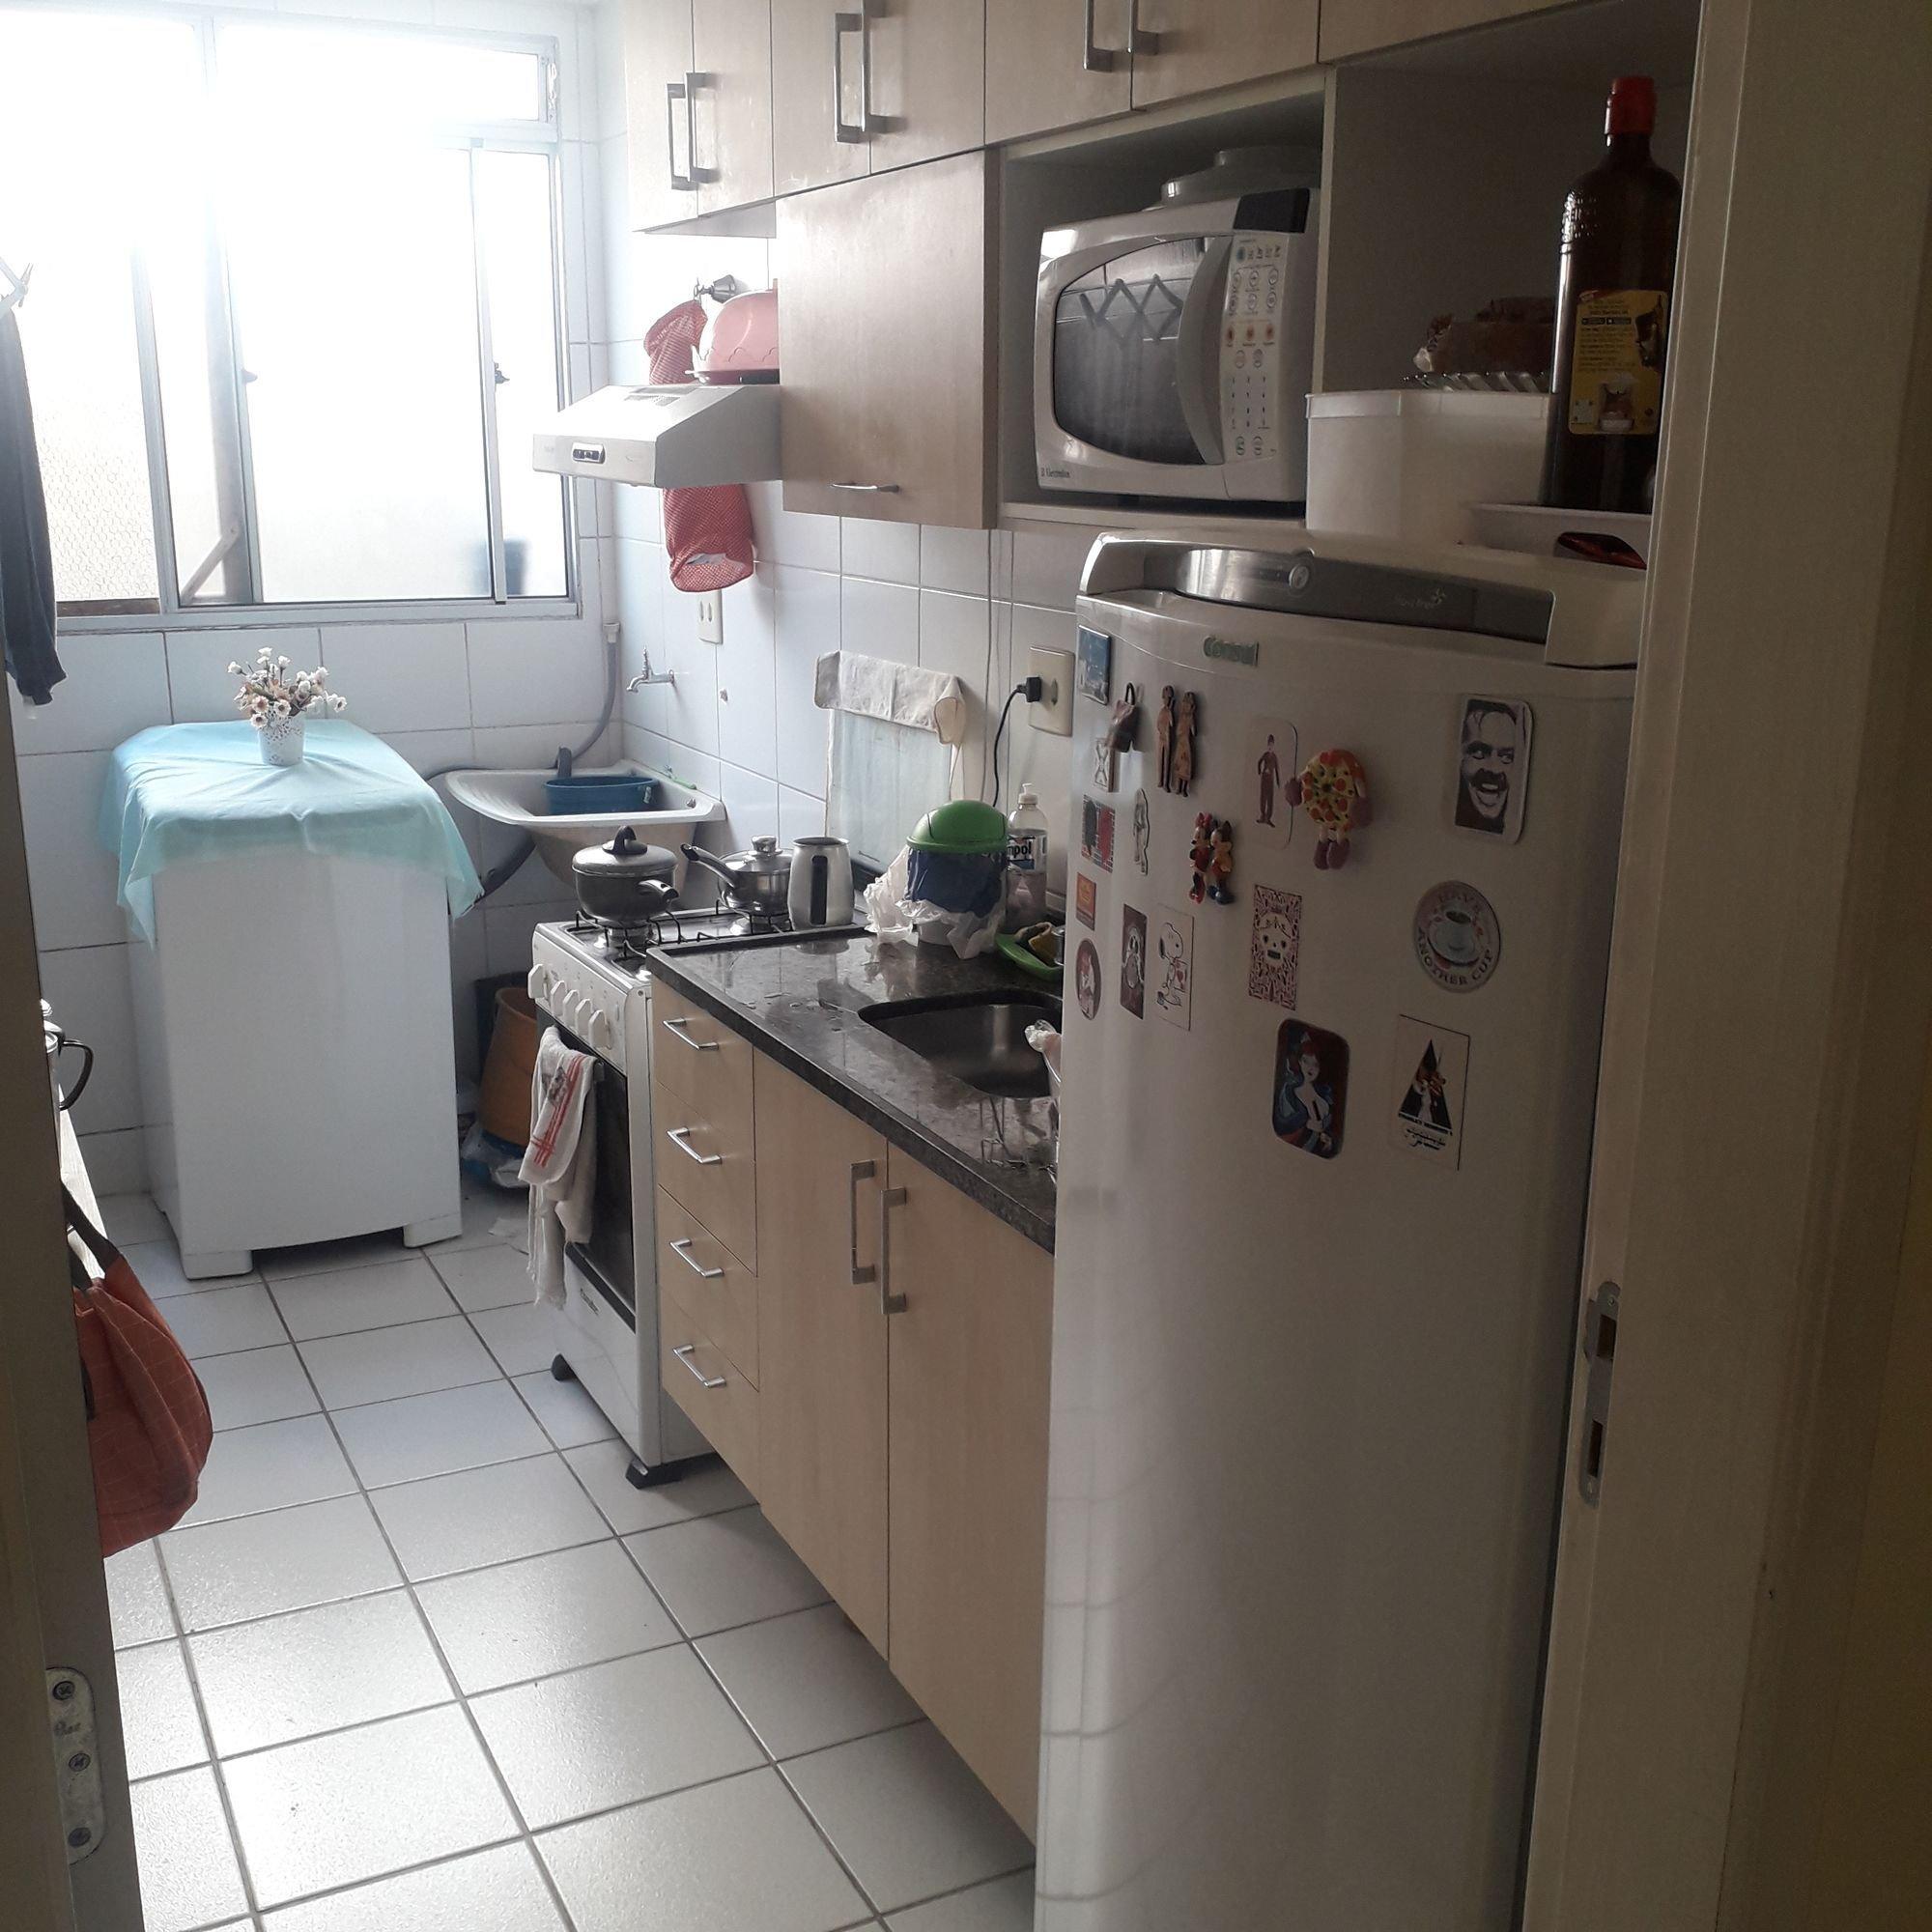 Foto de Cozinha com bolsa, garrafa, forno, geladeira, pia, microondas